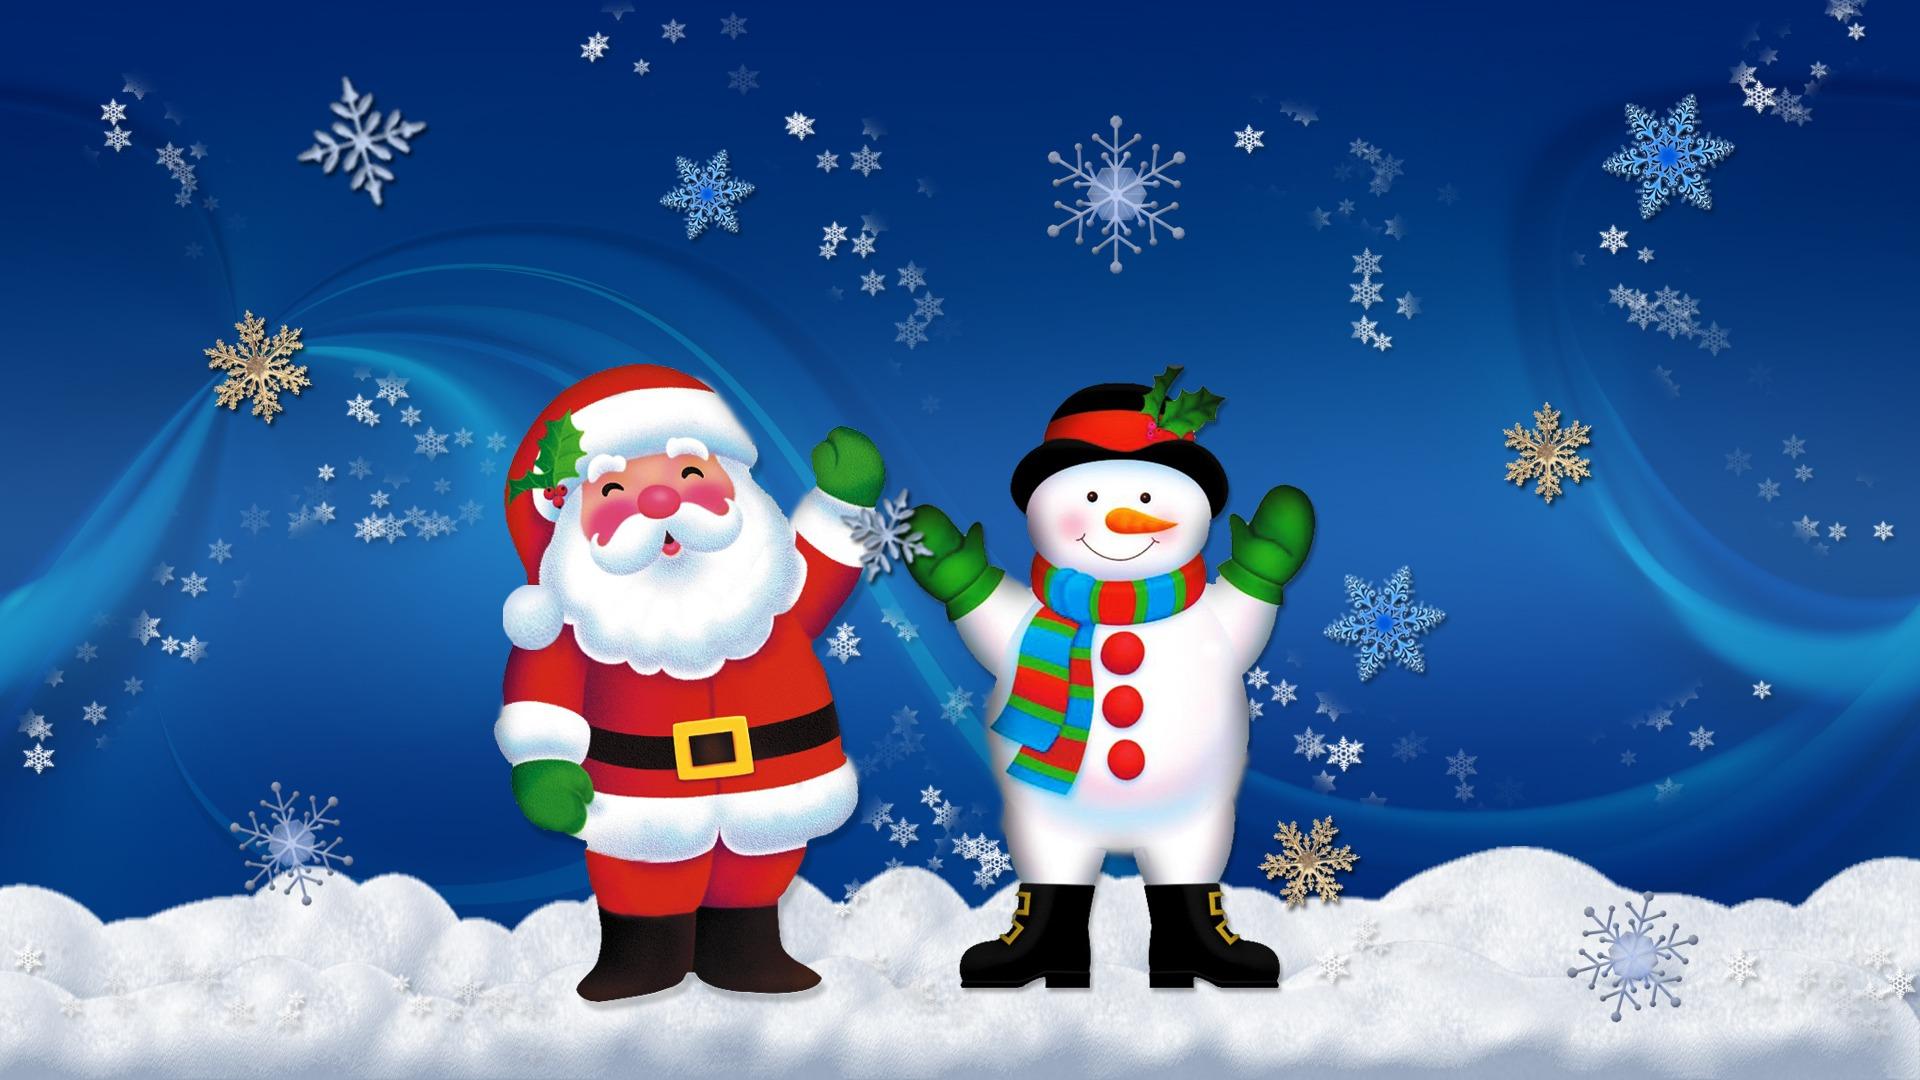 Feliz Navidad - 1920x1080